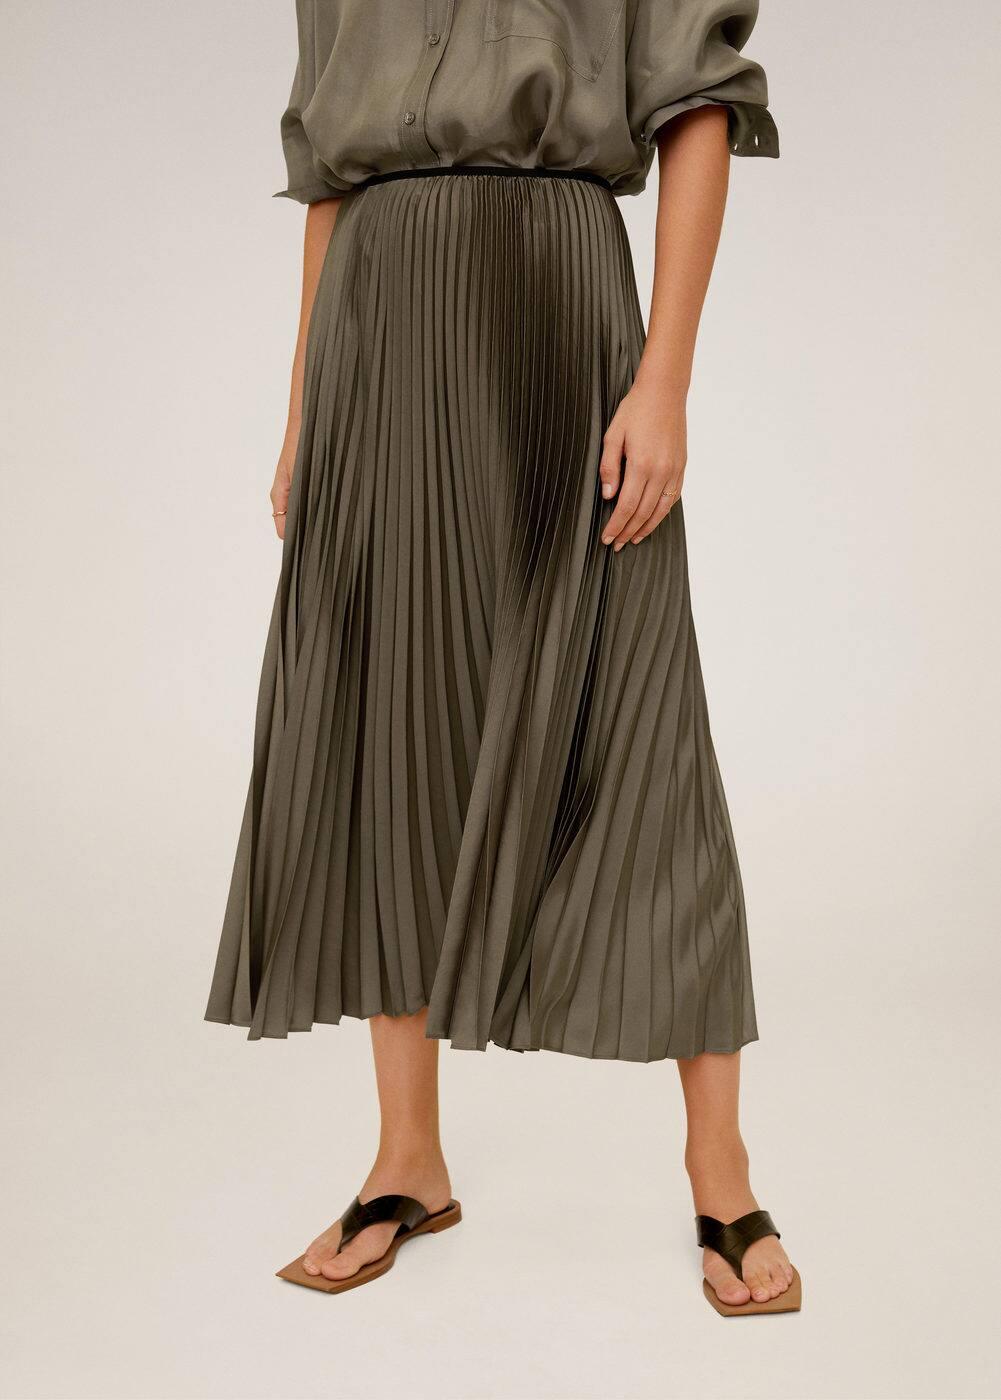 m-plisado:falda midi plisada